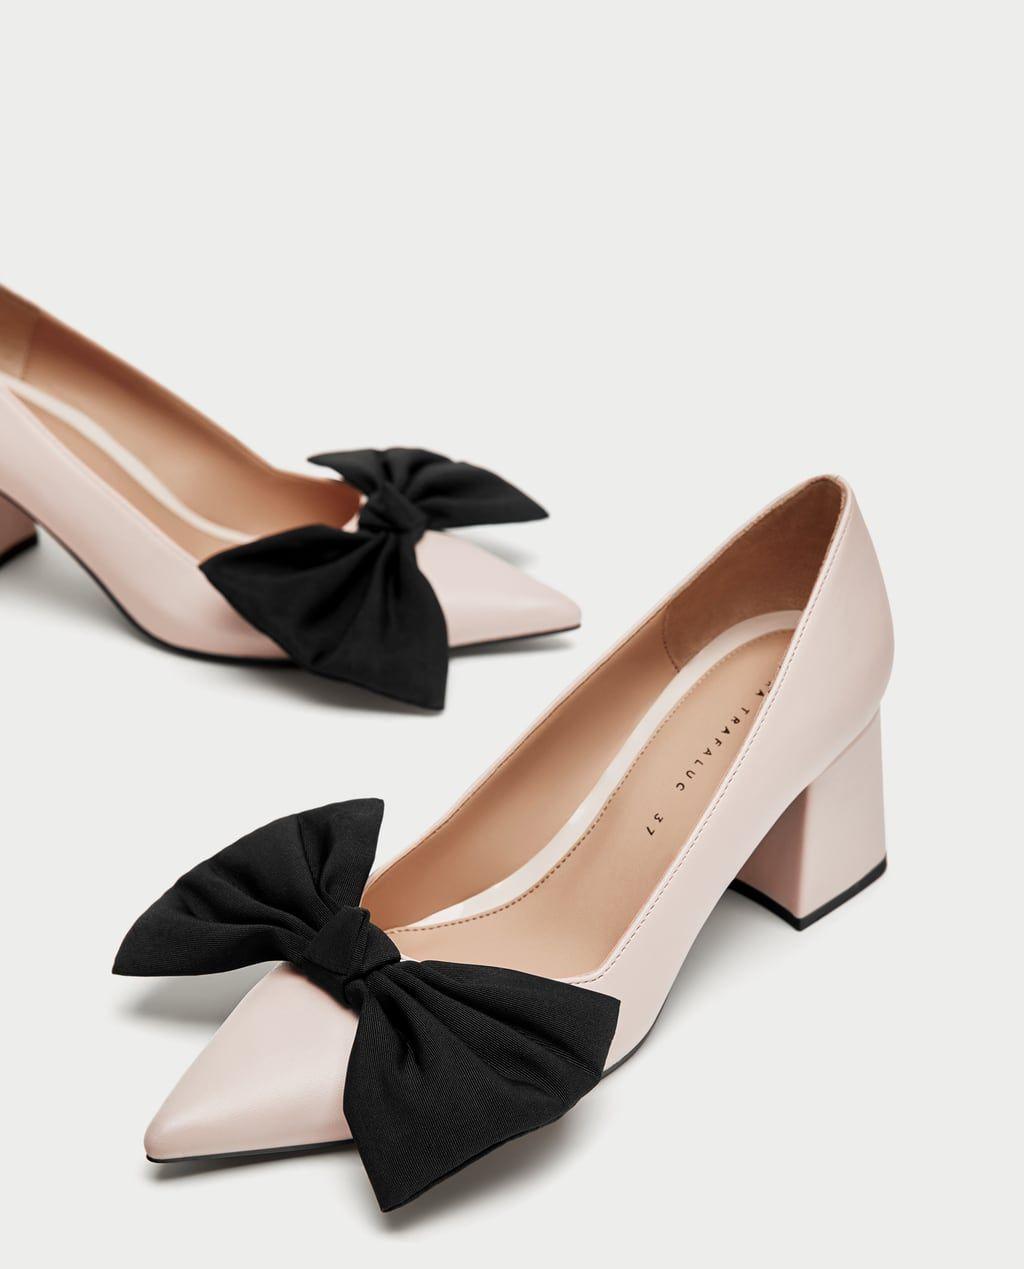 Nieuwe Online België Zara Collectie Dames Schoenen 6qwx4HZT